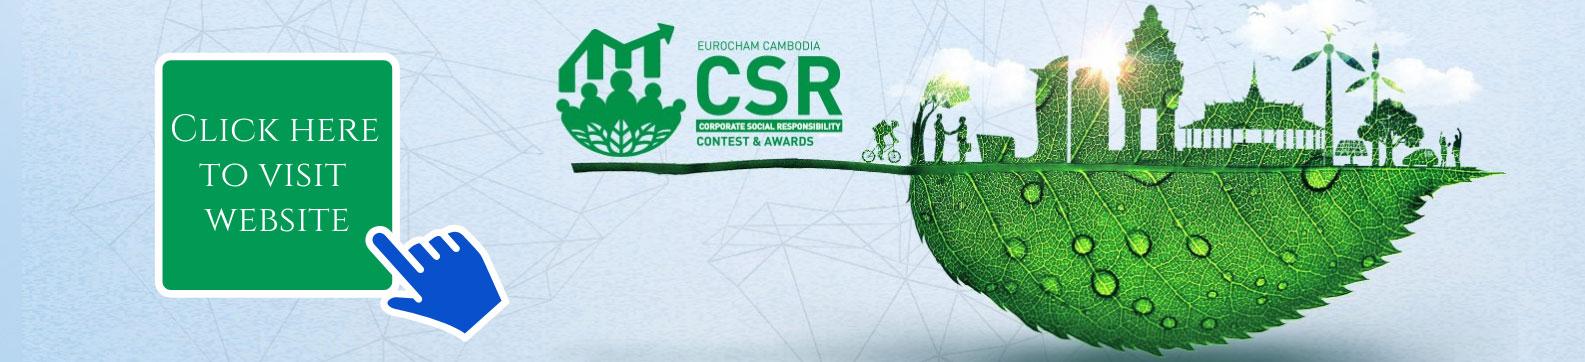 EuroCham Cambodia - CSR Event